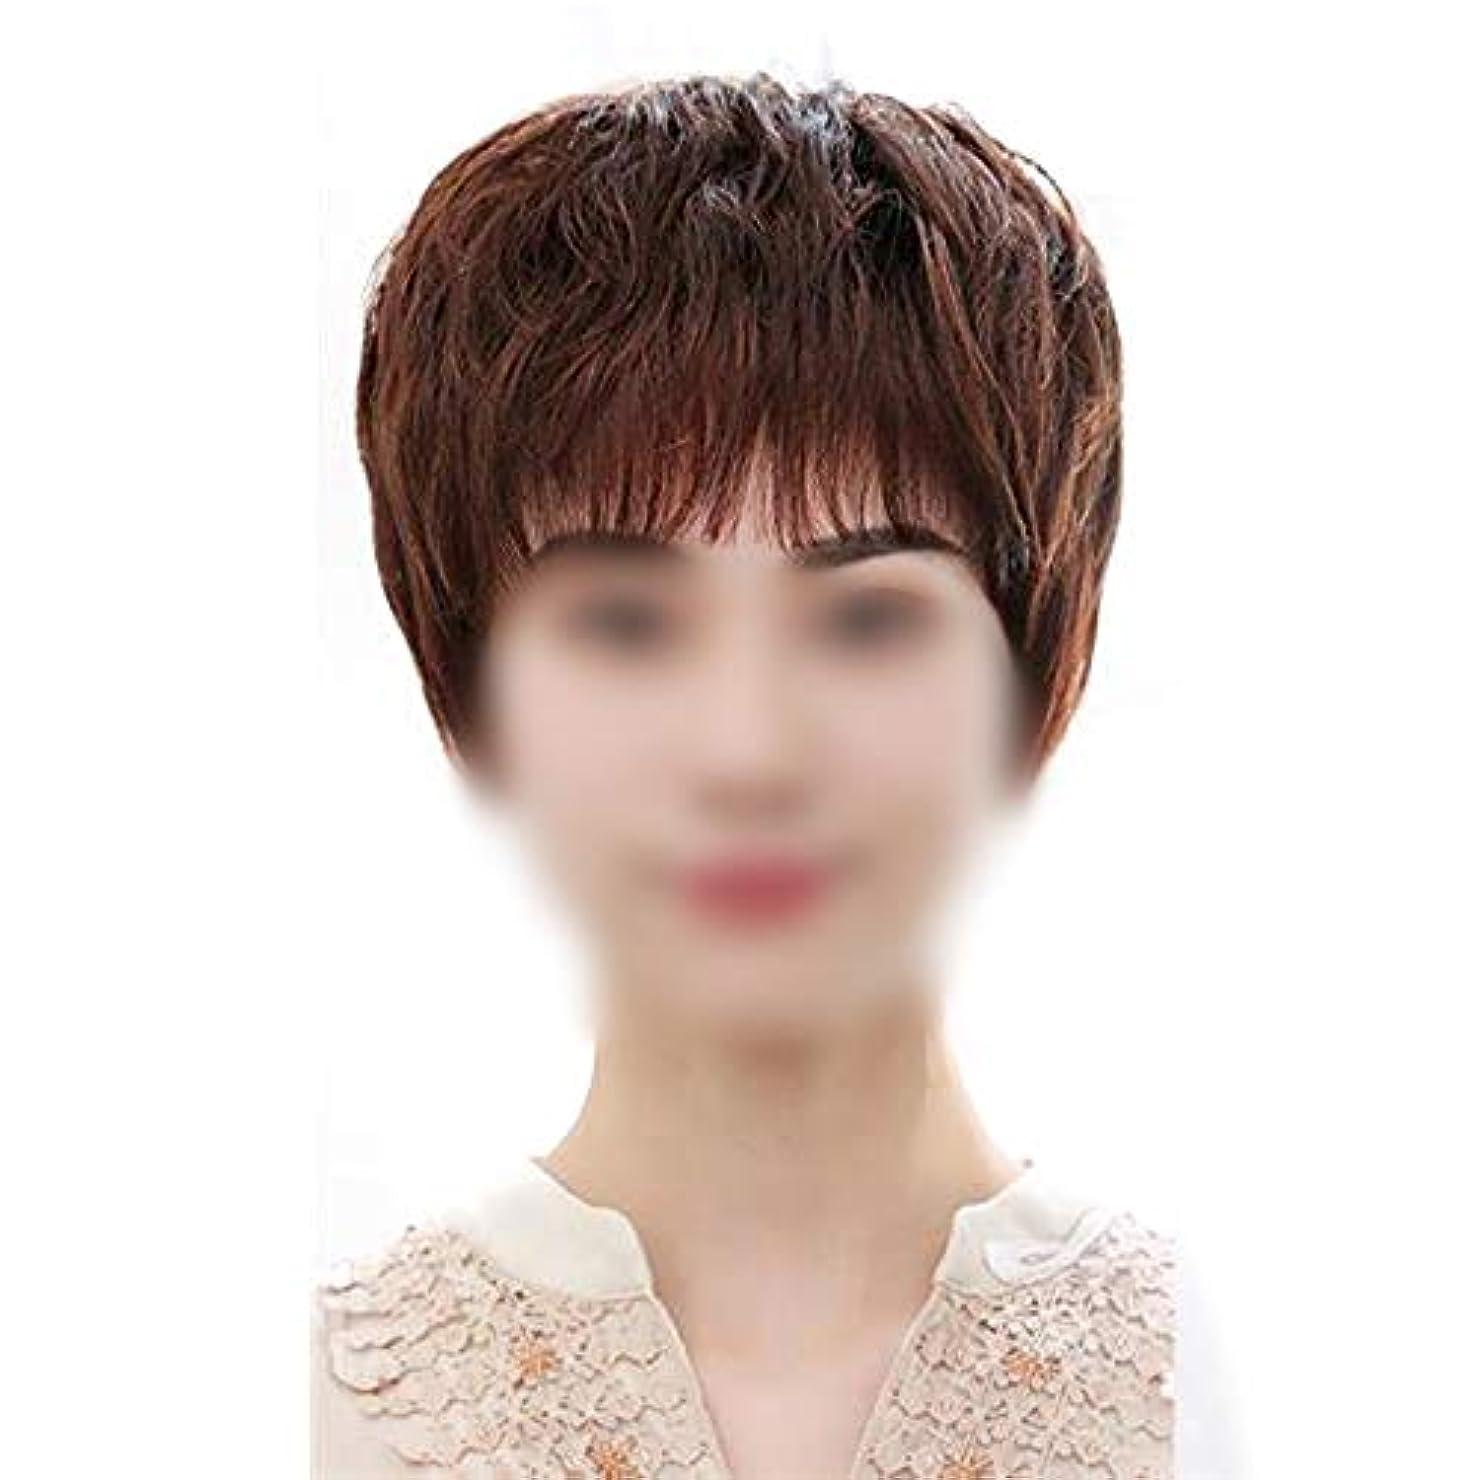 まっすぐにするマスク必要ないYOUQIU 前髪のフル手織りファッション中年ウィッグウィッグでヒトの毛髪の女子ショートカーリーヘアのフル (色 : Dark brown)